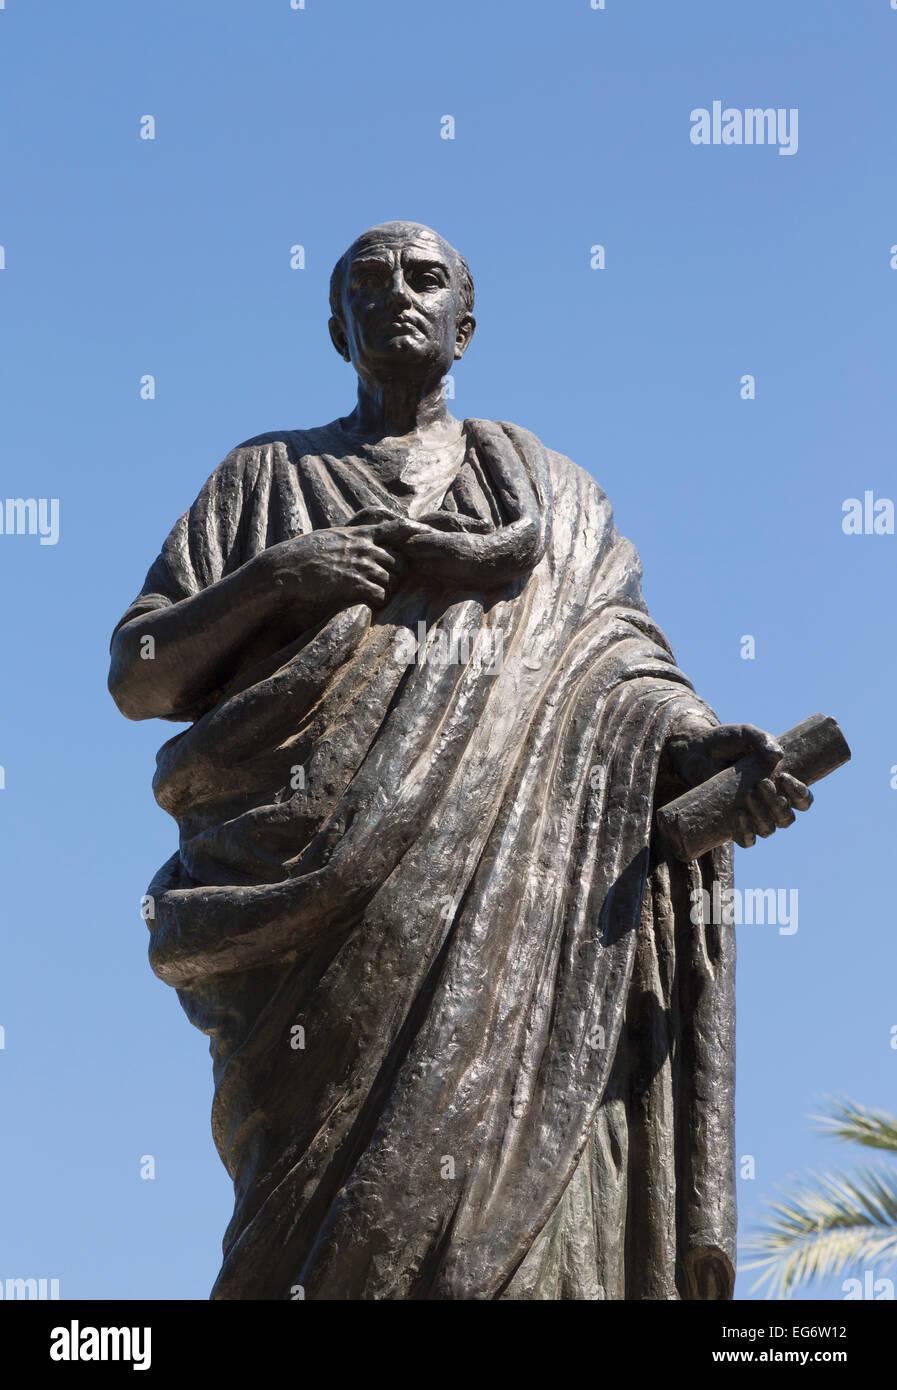 Monument to Lucius Annaeus Seneca, or Seneca the Younger, c. 4 BC – AD 65.  Roman Stoic philosopher, statesman,dramatist. - Stock Image